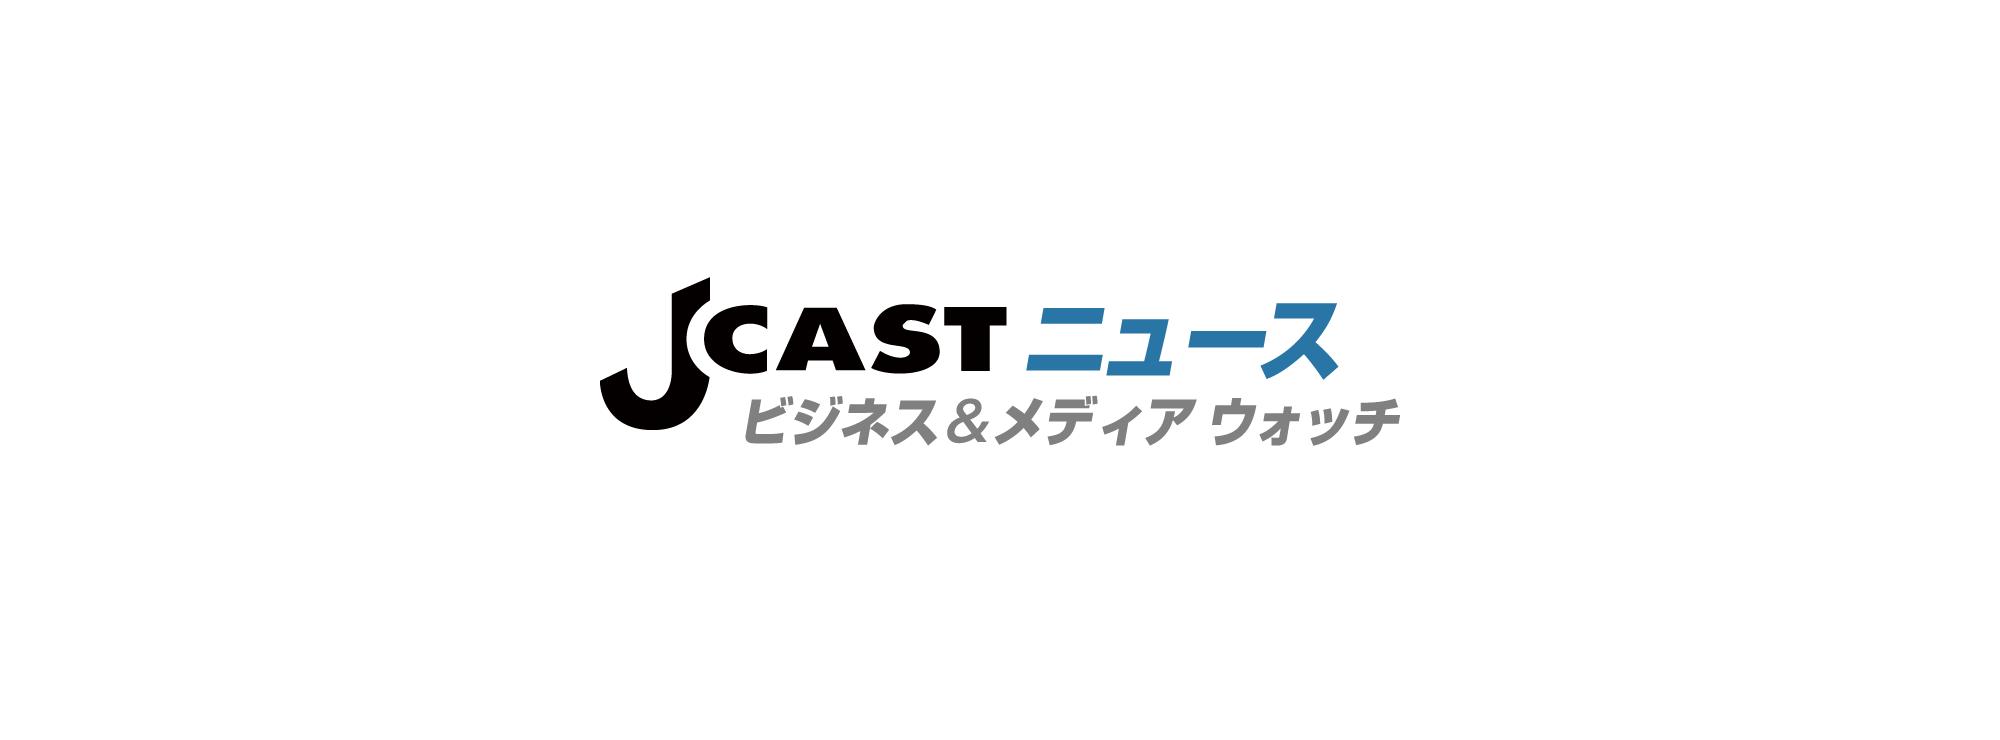 和田アキ子、竹内涼真と「密着」ツーショット ファンからは「なんか嬉しそう」とのツッコミ : J-CASTテレビウォッチ